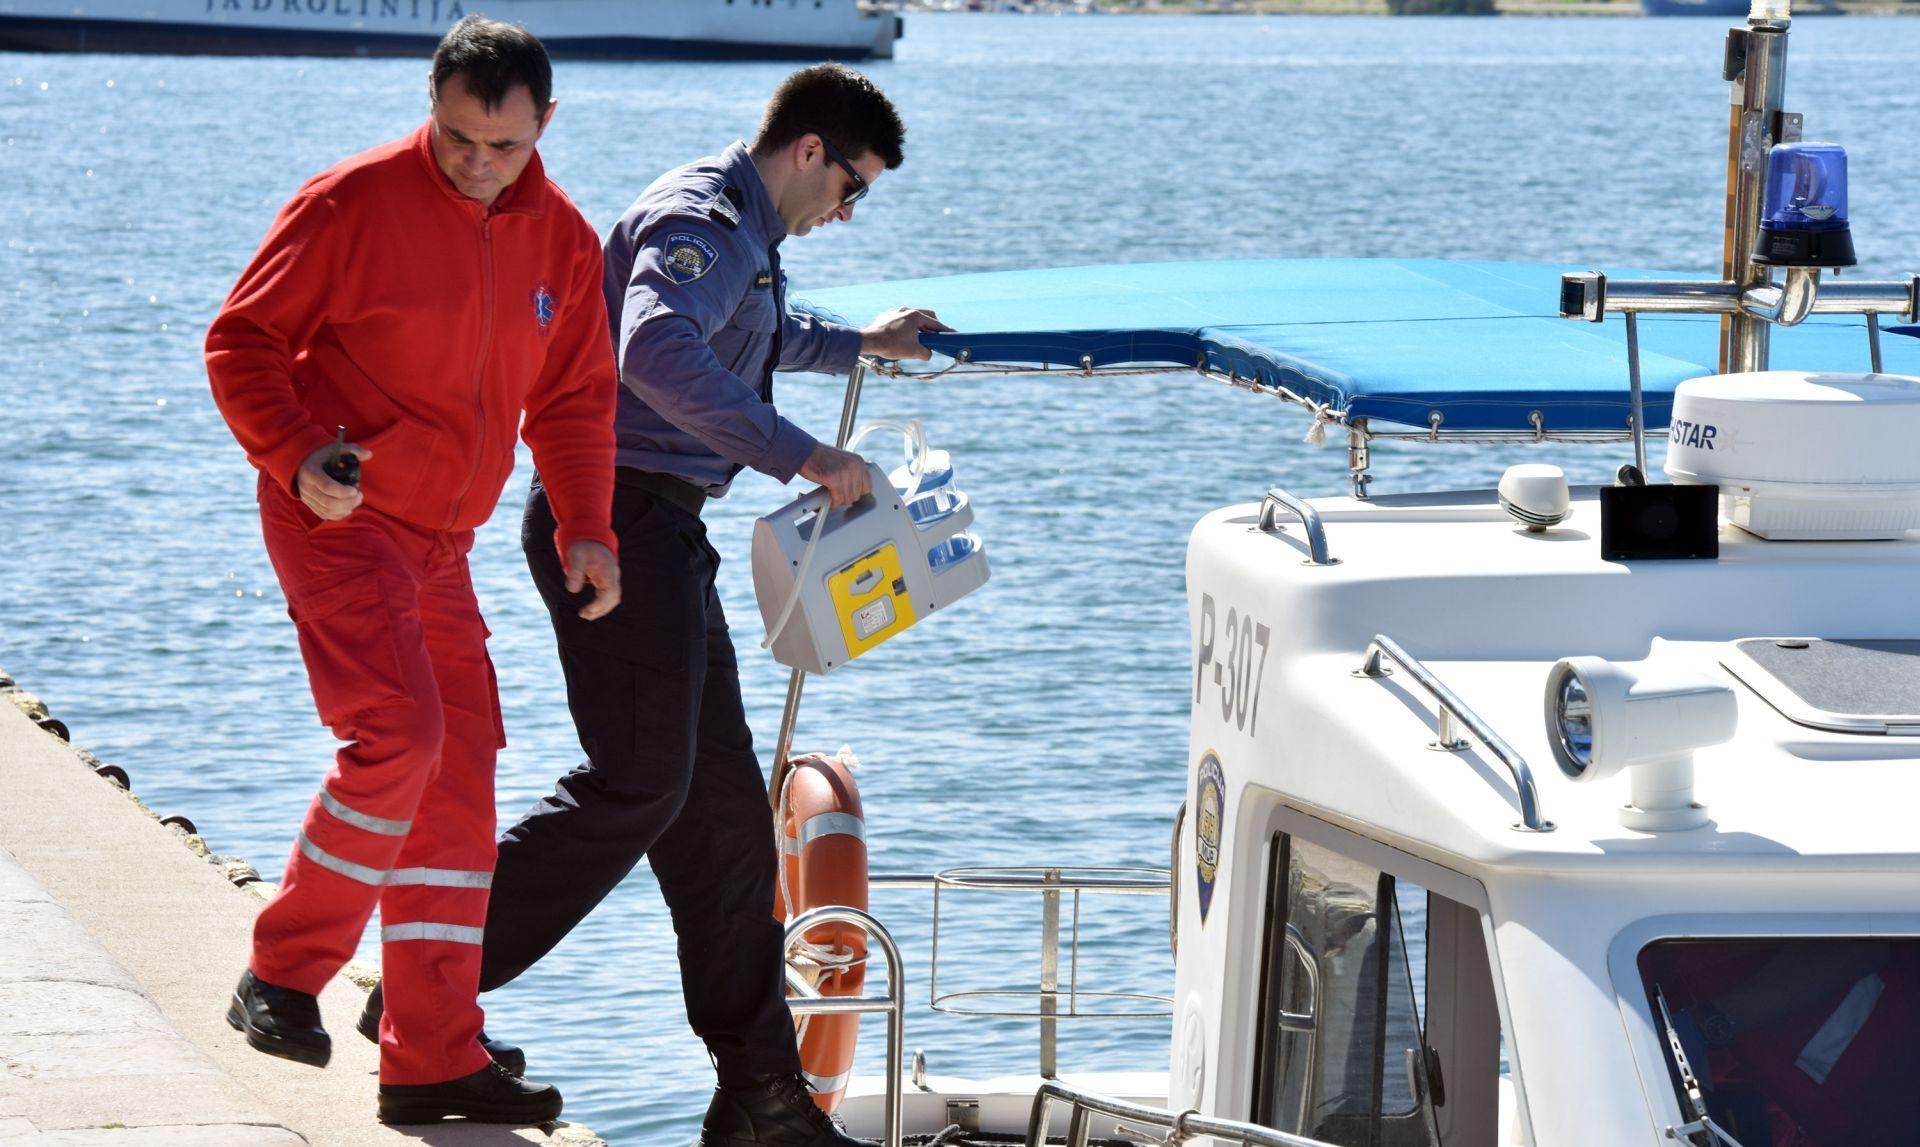 TROGIRSKI AKVATORIJ U moru pronađen mrtav muškarac